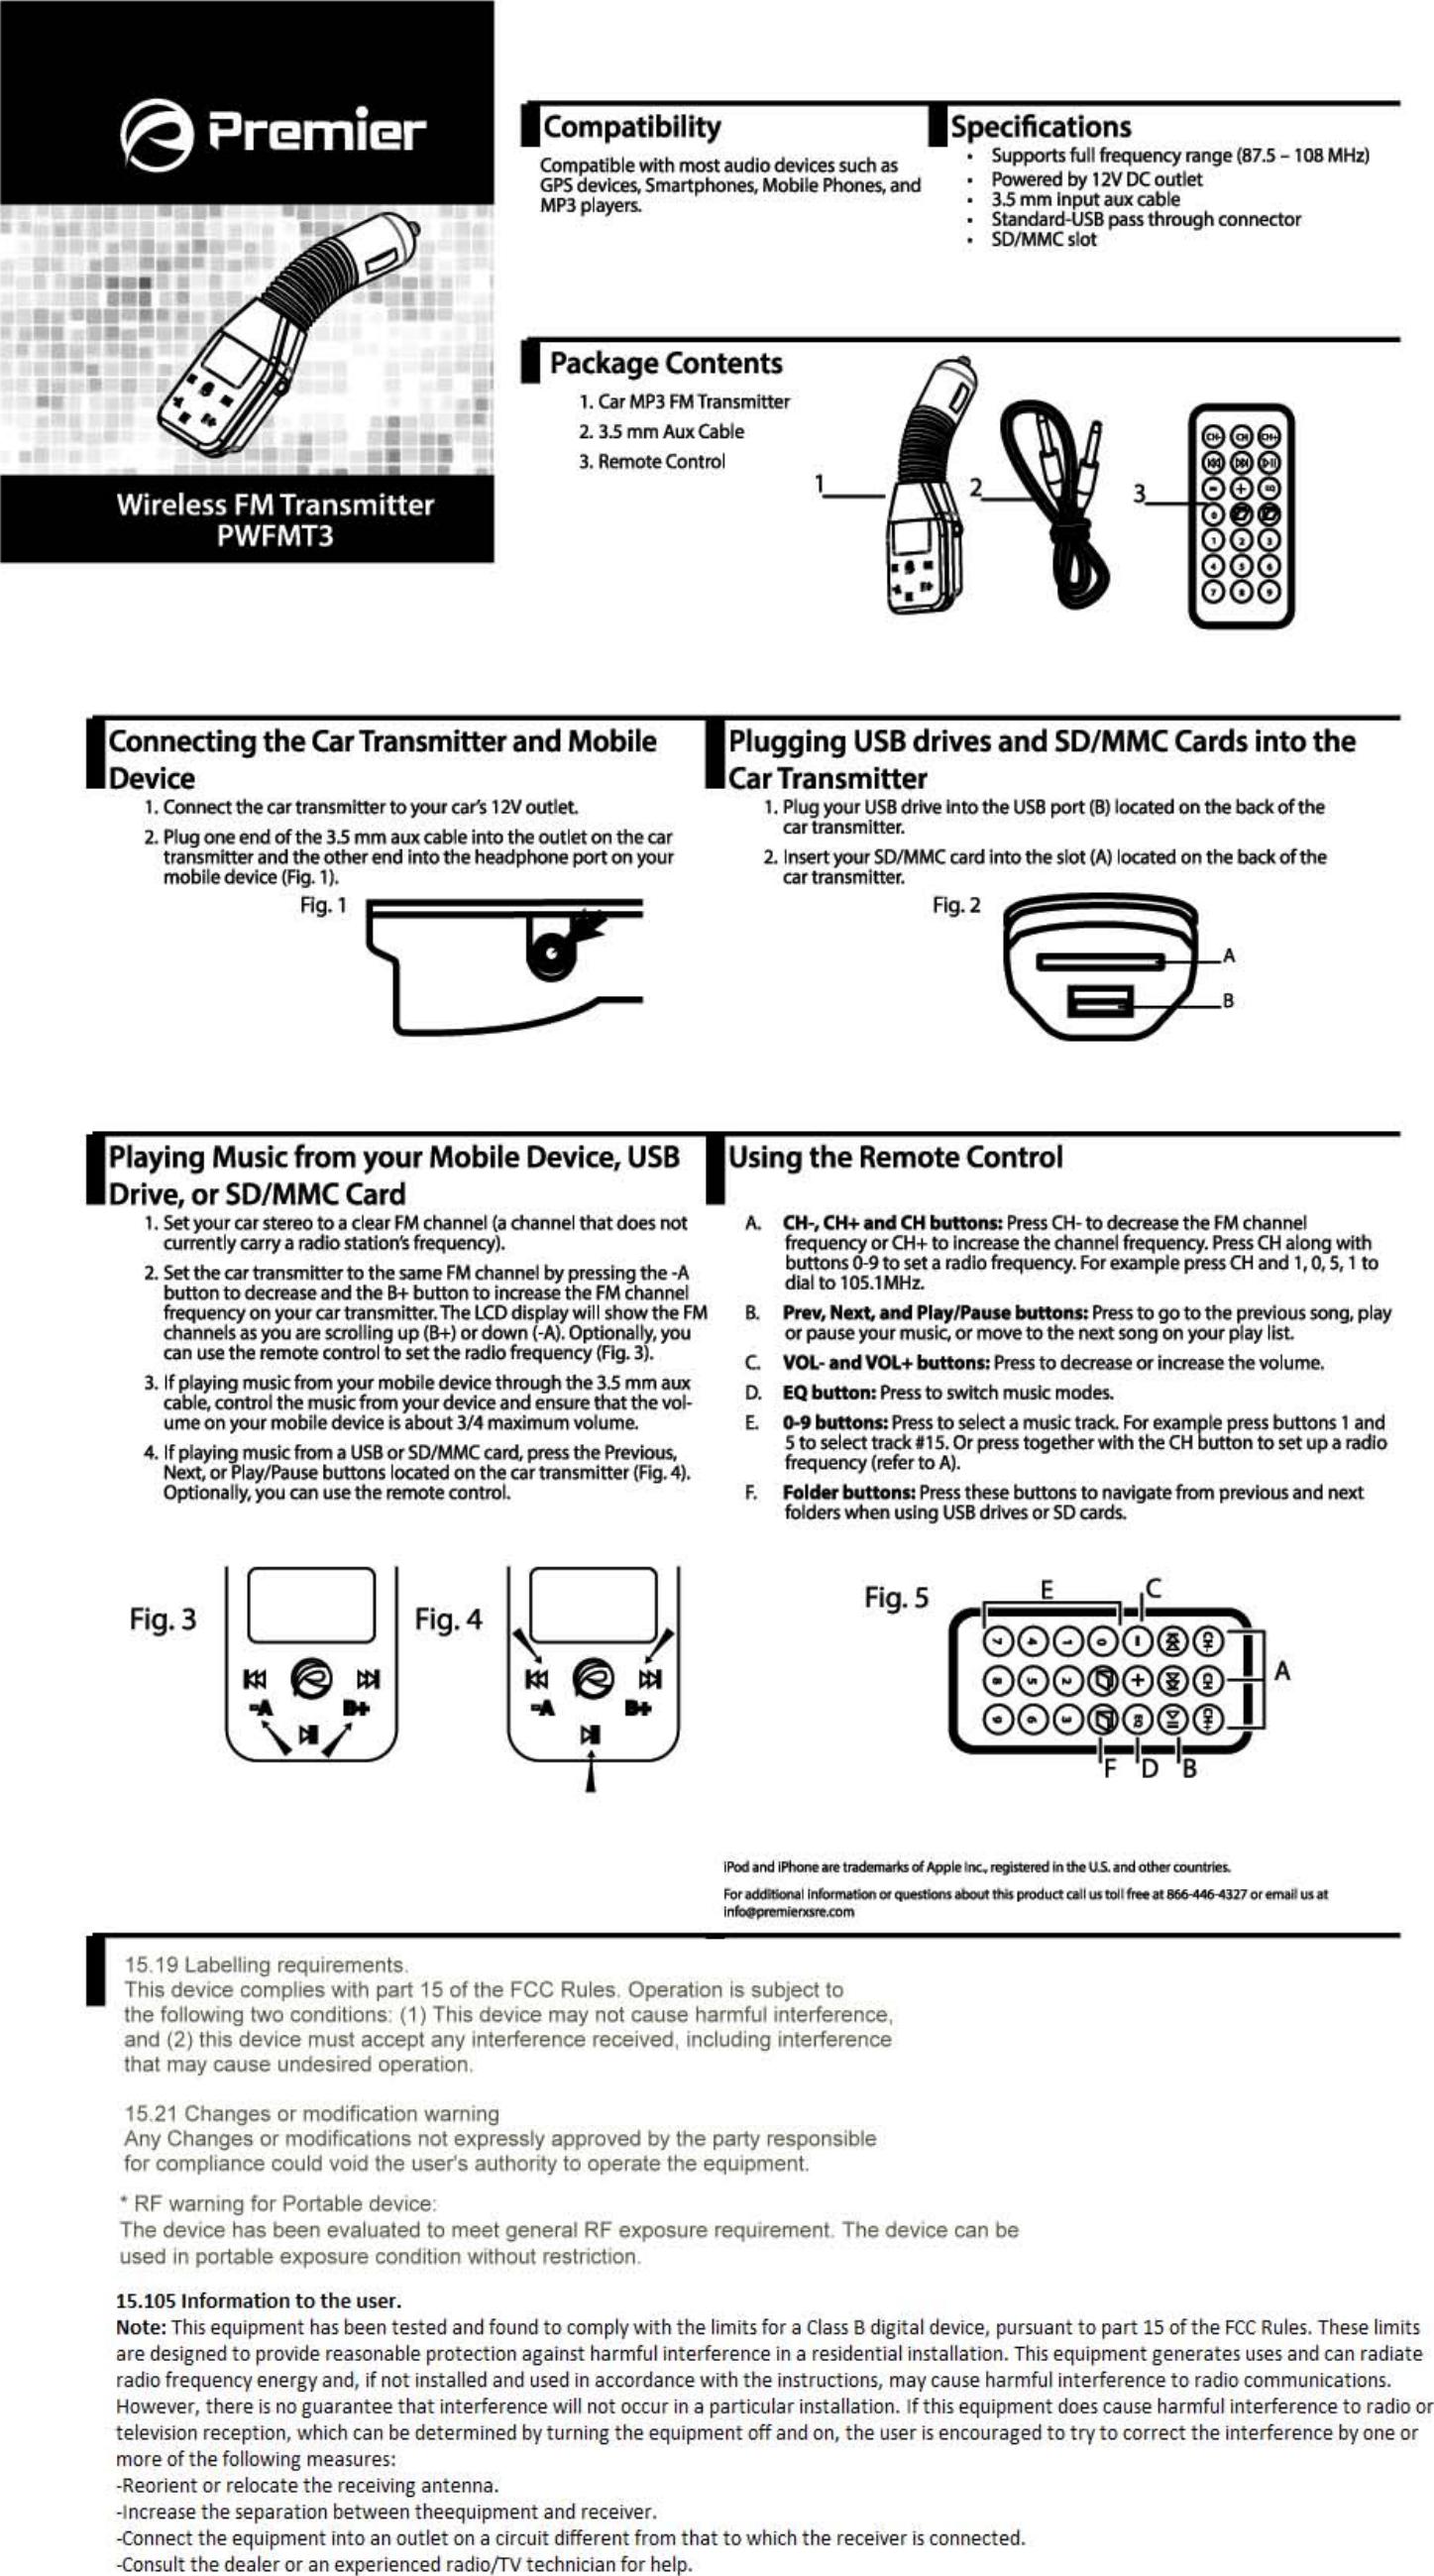 premier accessory group pwfmt3 fm transmitter user manual. Black Bedroom Furniture Sets. Home Design Ideas